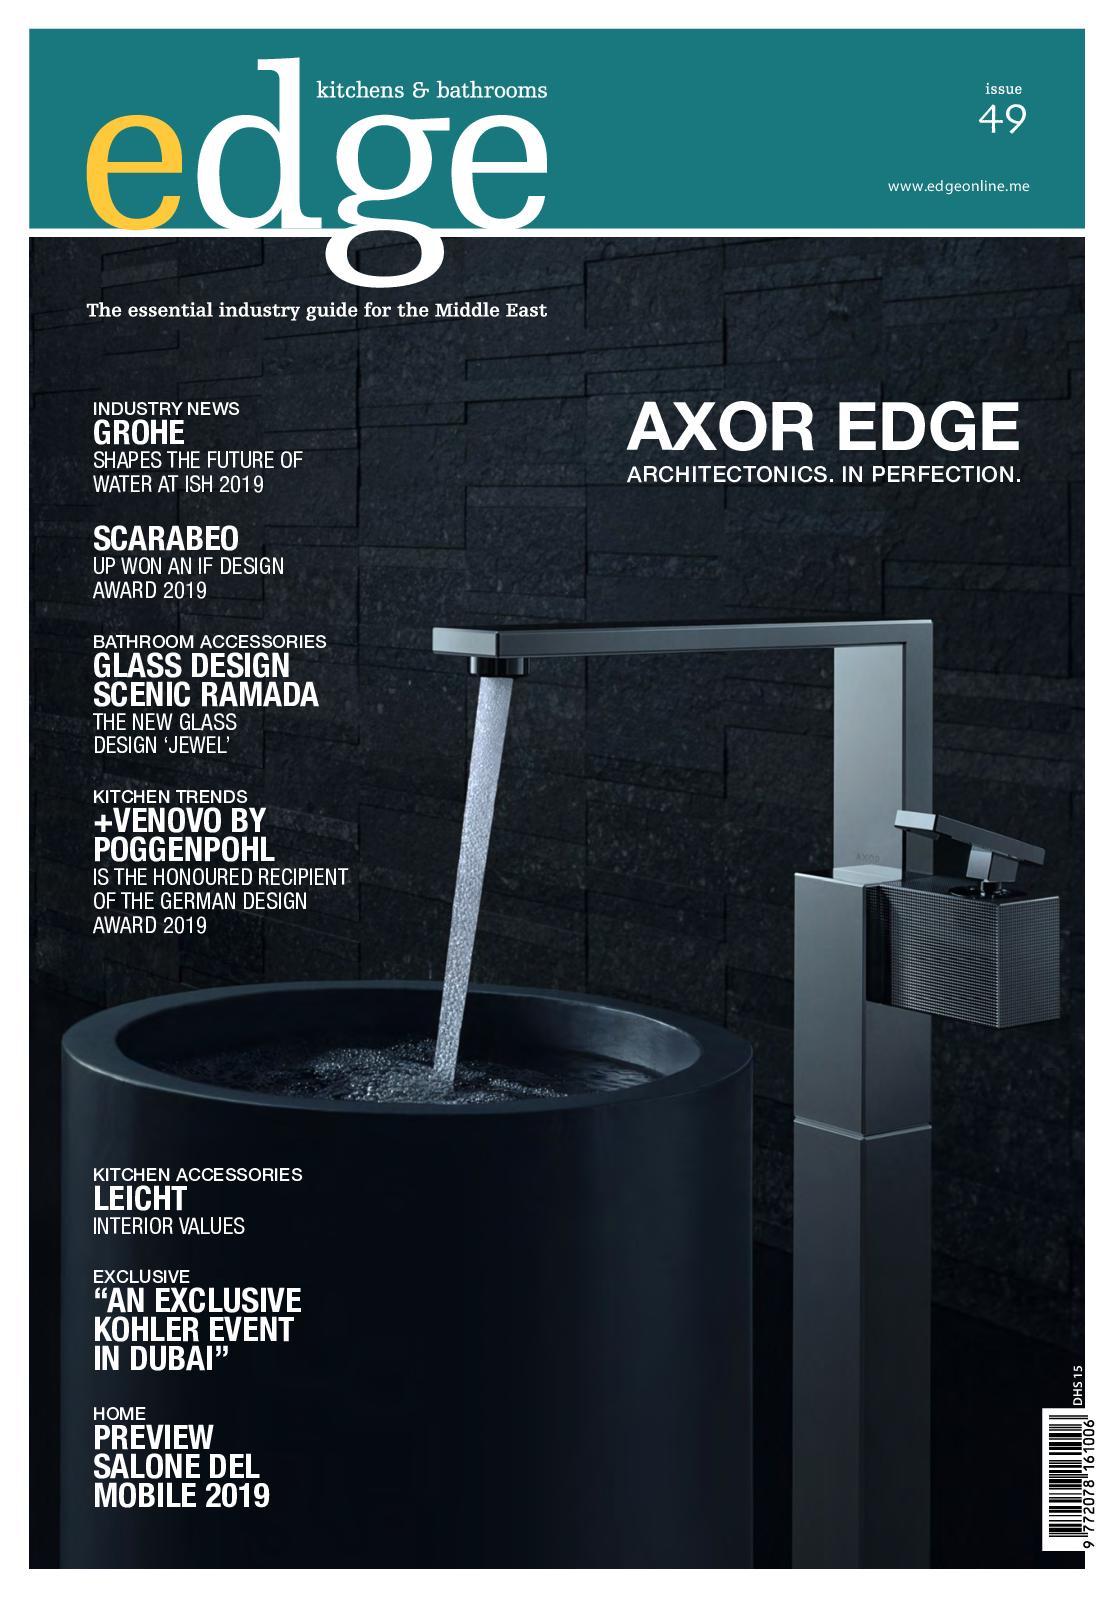 Edge Issue49 2019 Gcc Final Online